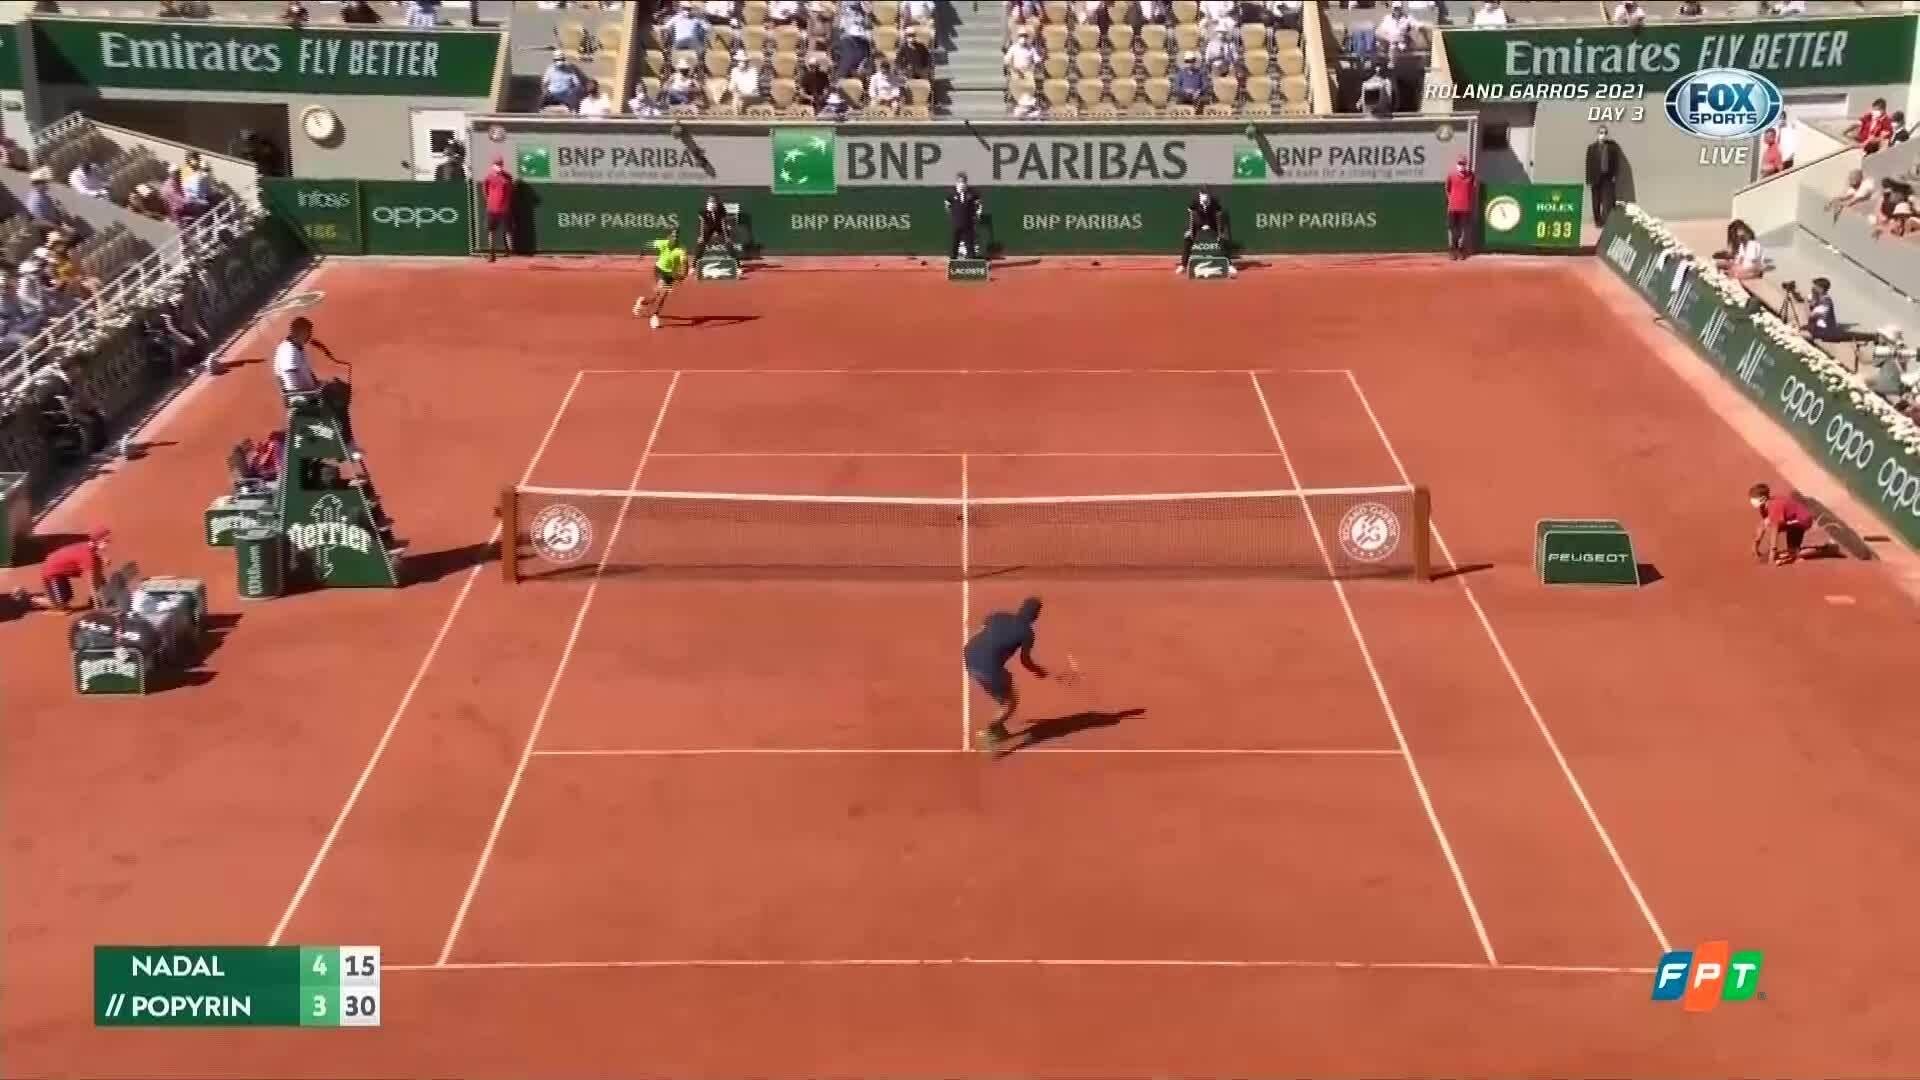 Nadal 3-0 Popyrin